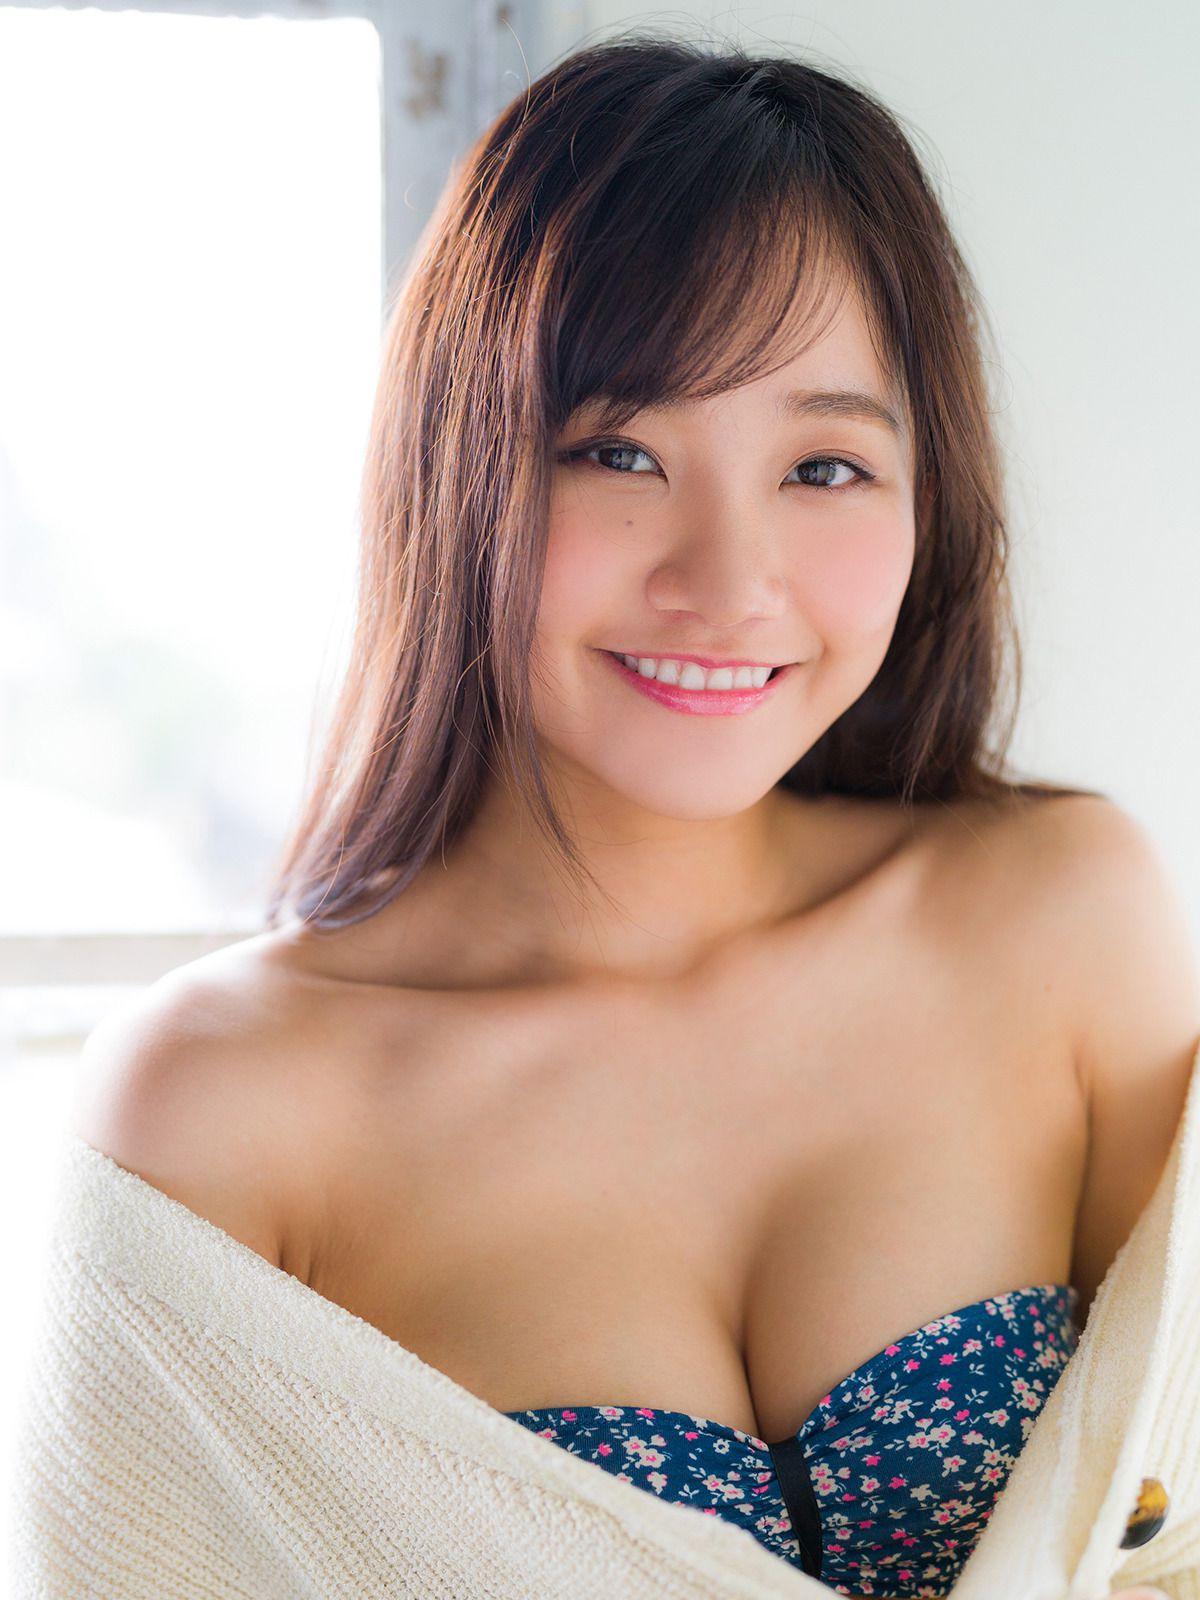 VOL.74 [Sabra]日本萌妹子丰满:保崎丽(保崎麗)超高清写真套图(40P)